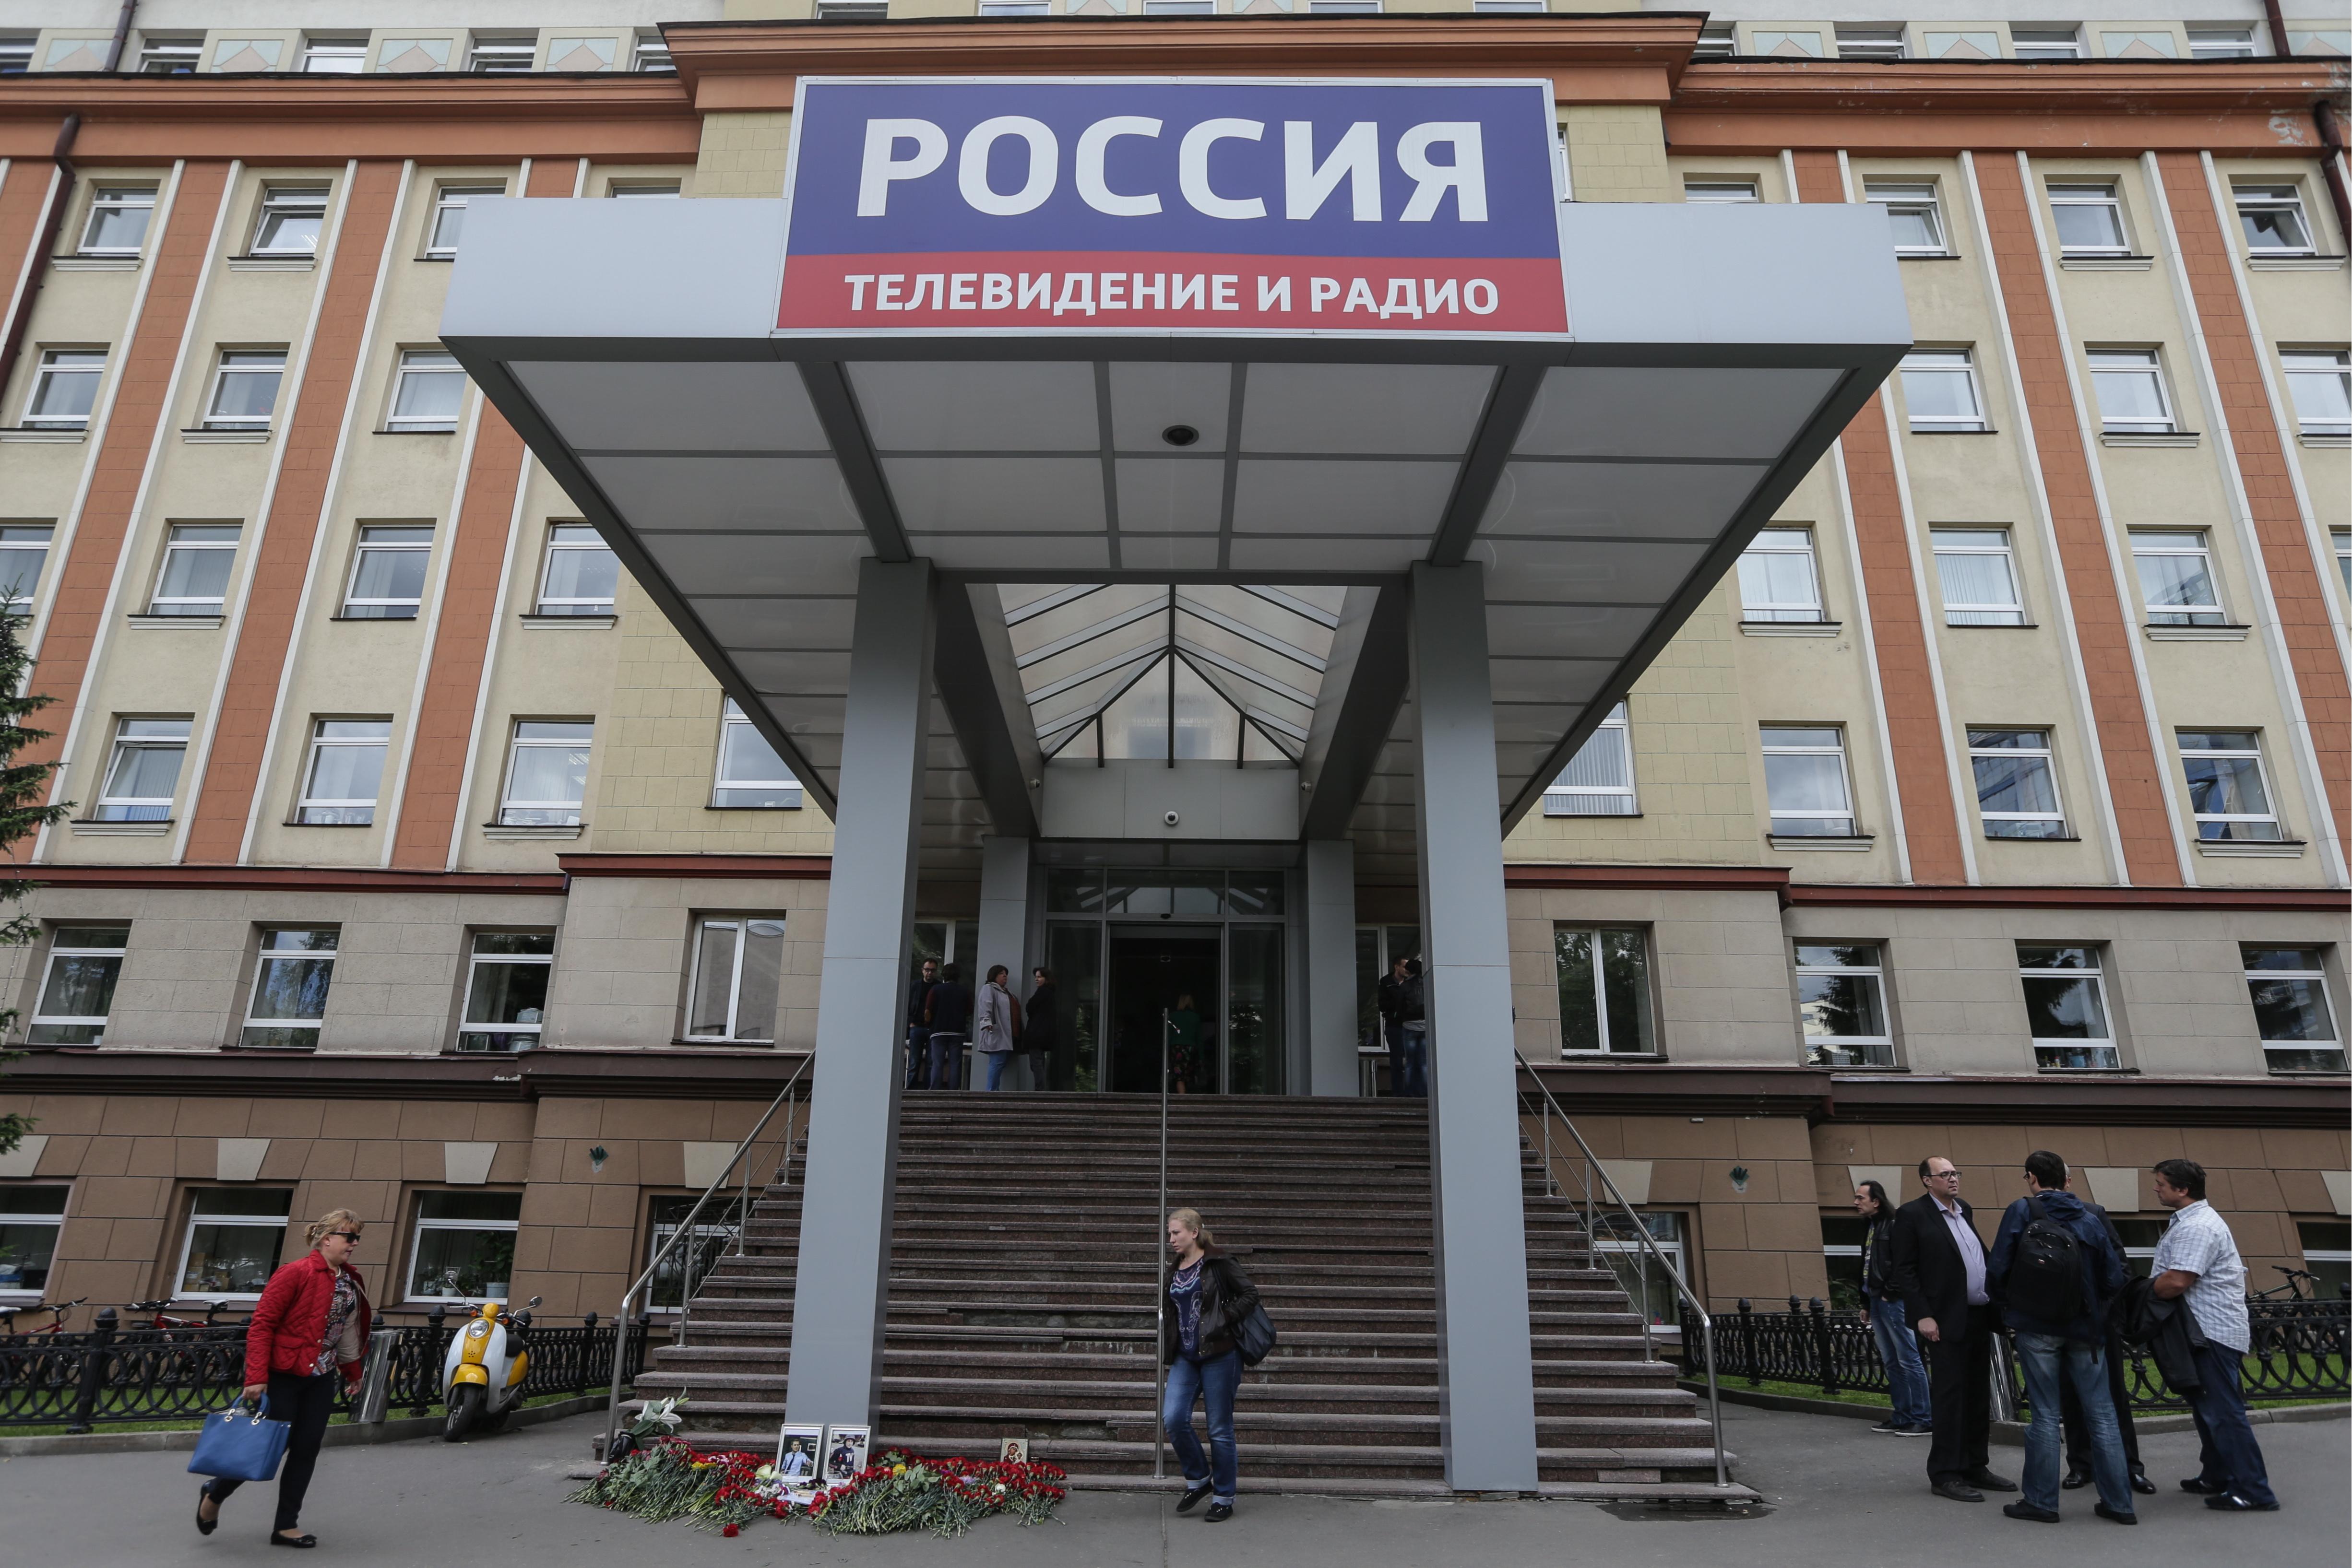 Цветы в память о погибших журналистах у здания ВГТРК